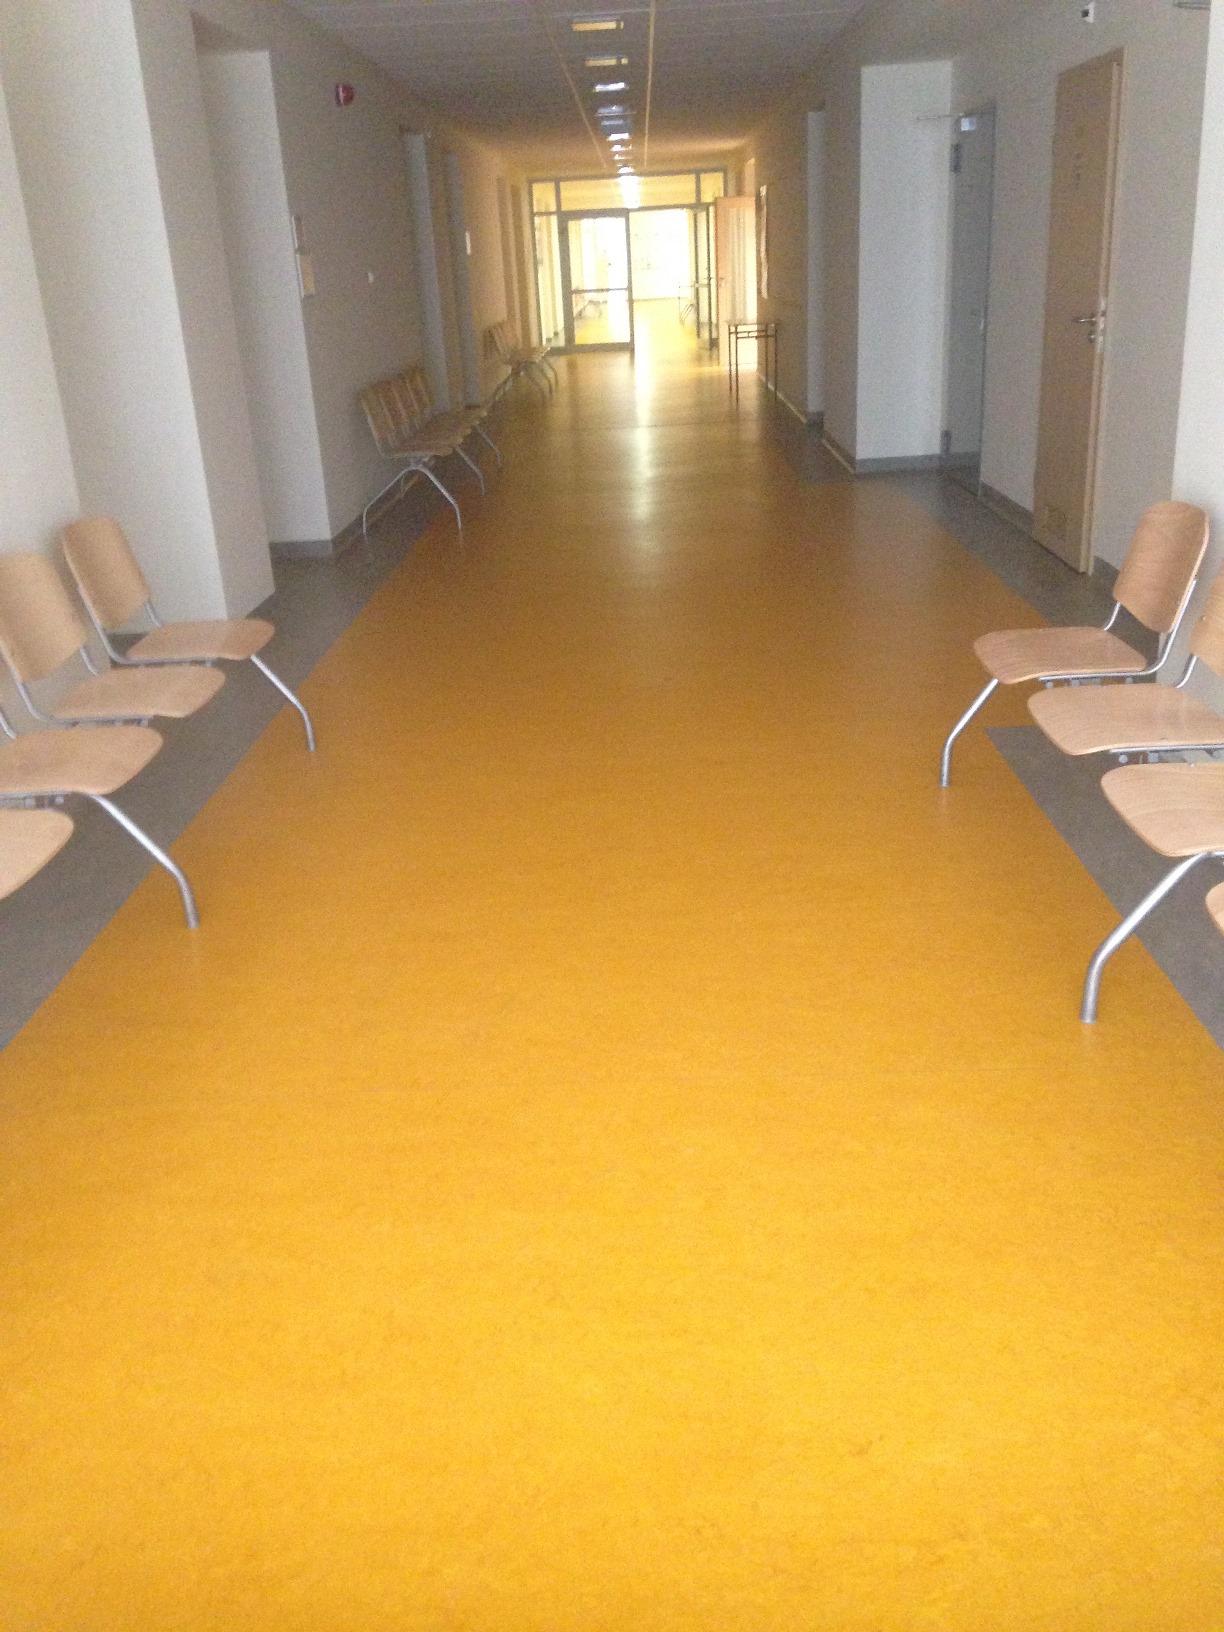 1 piętro - korytarz z wyodrębnionym kontrastowo traktem komunikacyjnym